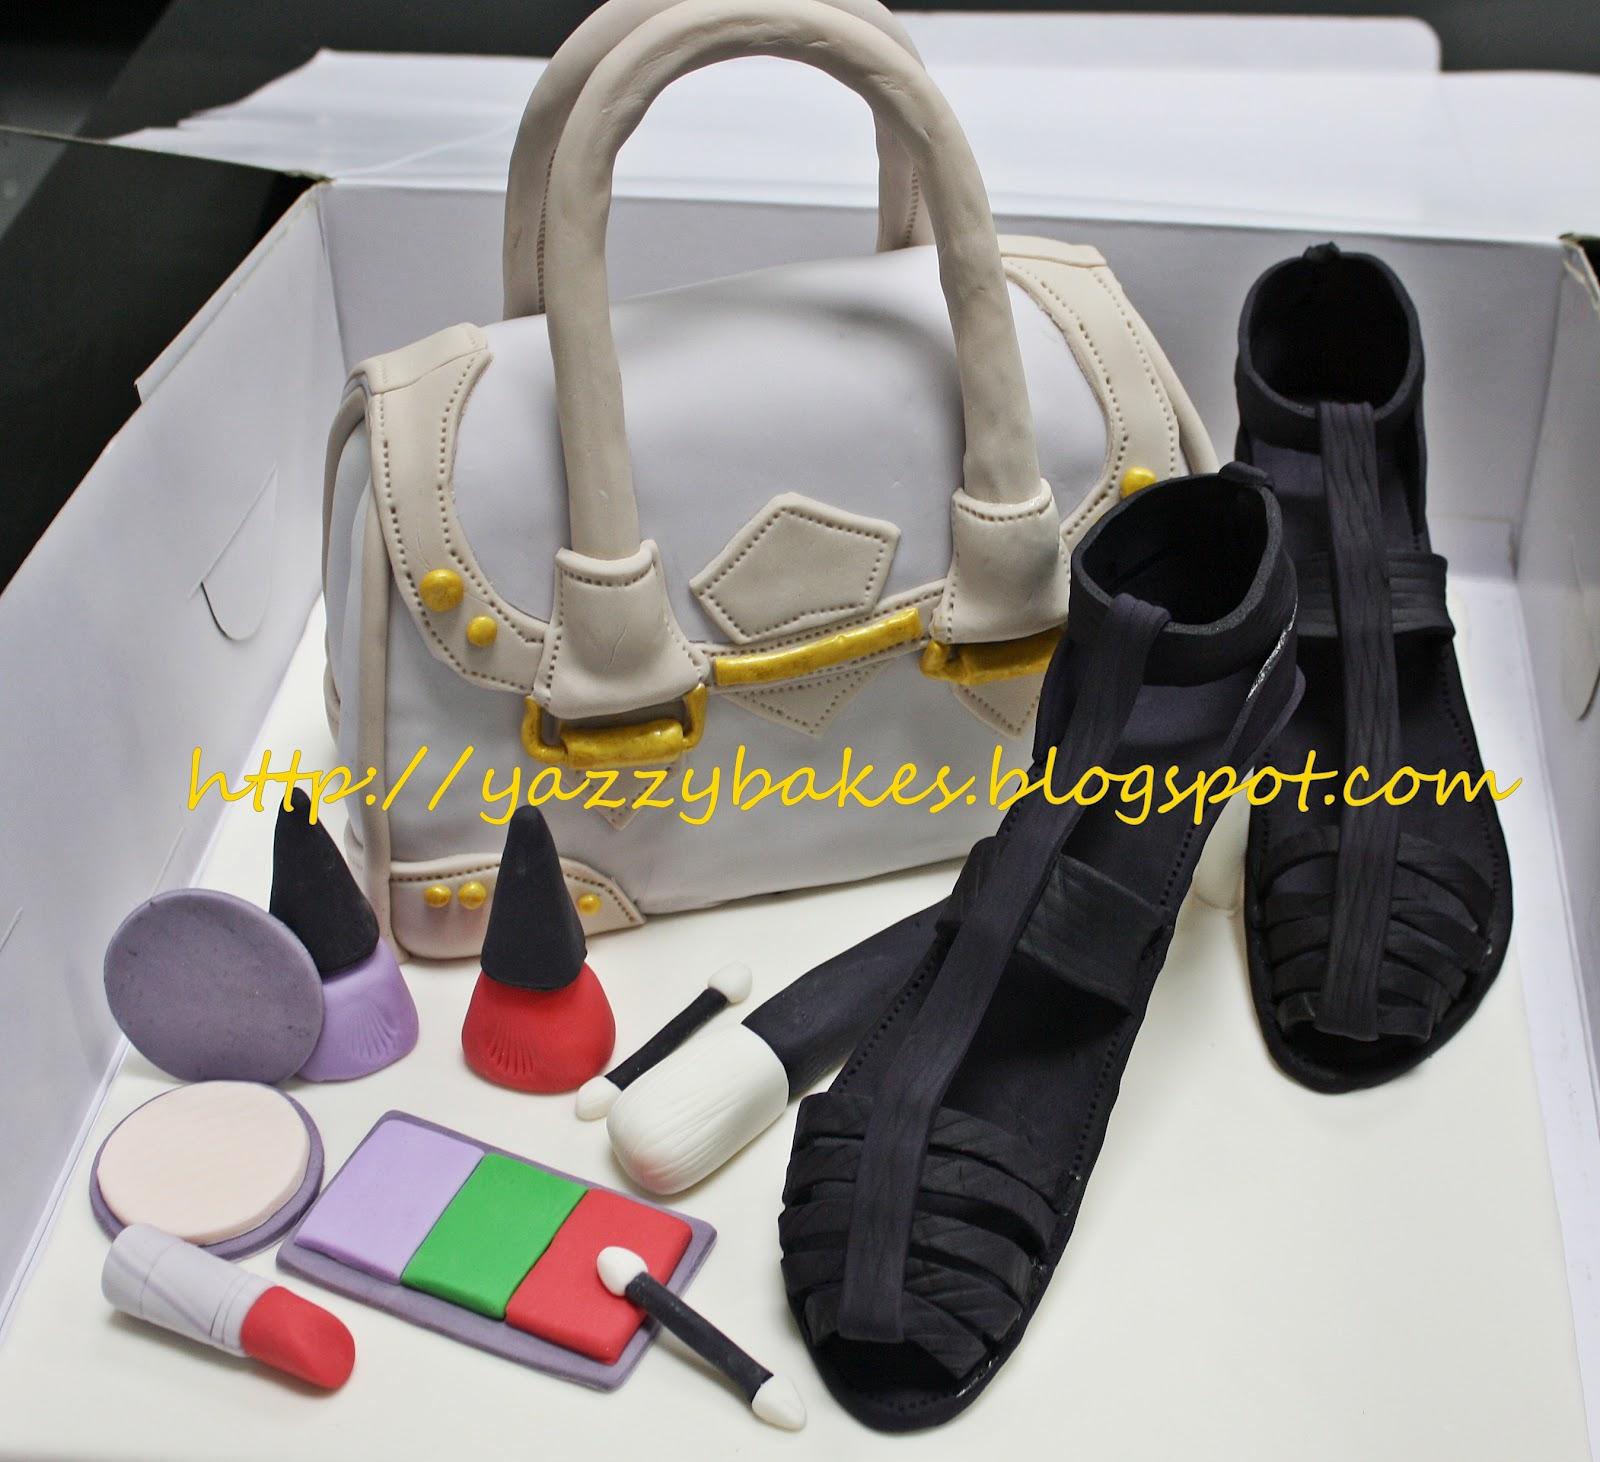 Yazzy Bakes Handbag Shoes Amp Make Up